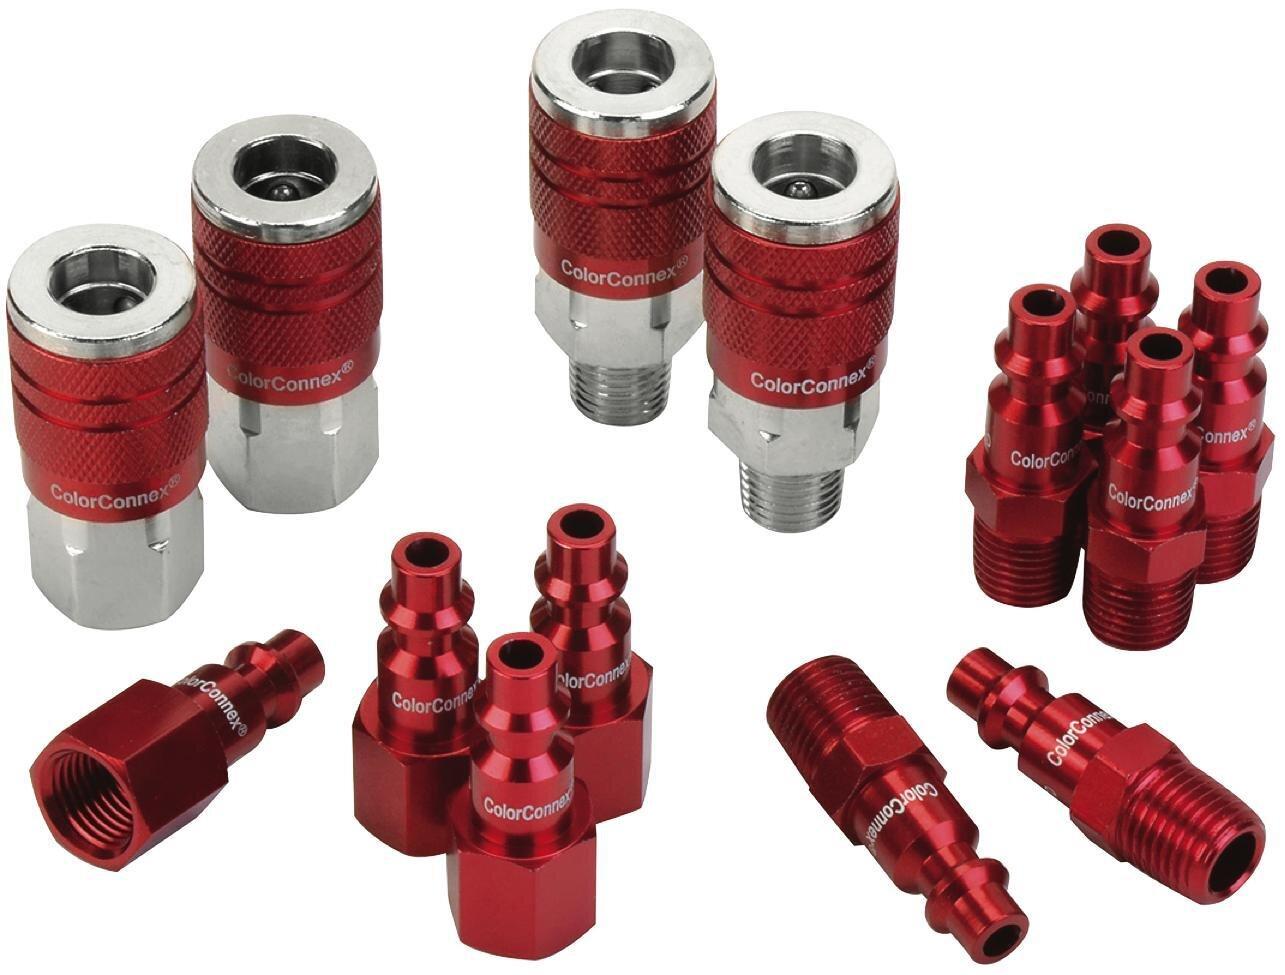 """LMA73458D - 14 Piece ColorConnex® Coupler & Plug Set, 1/4"""" NPT Industrial"""